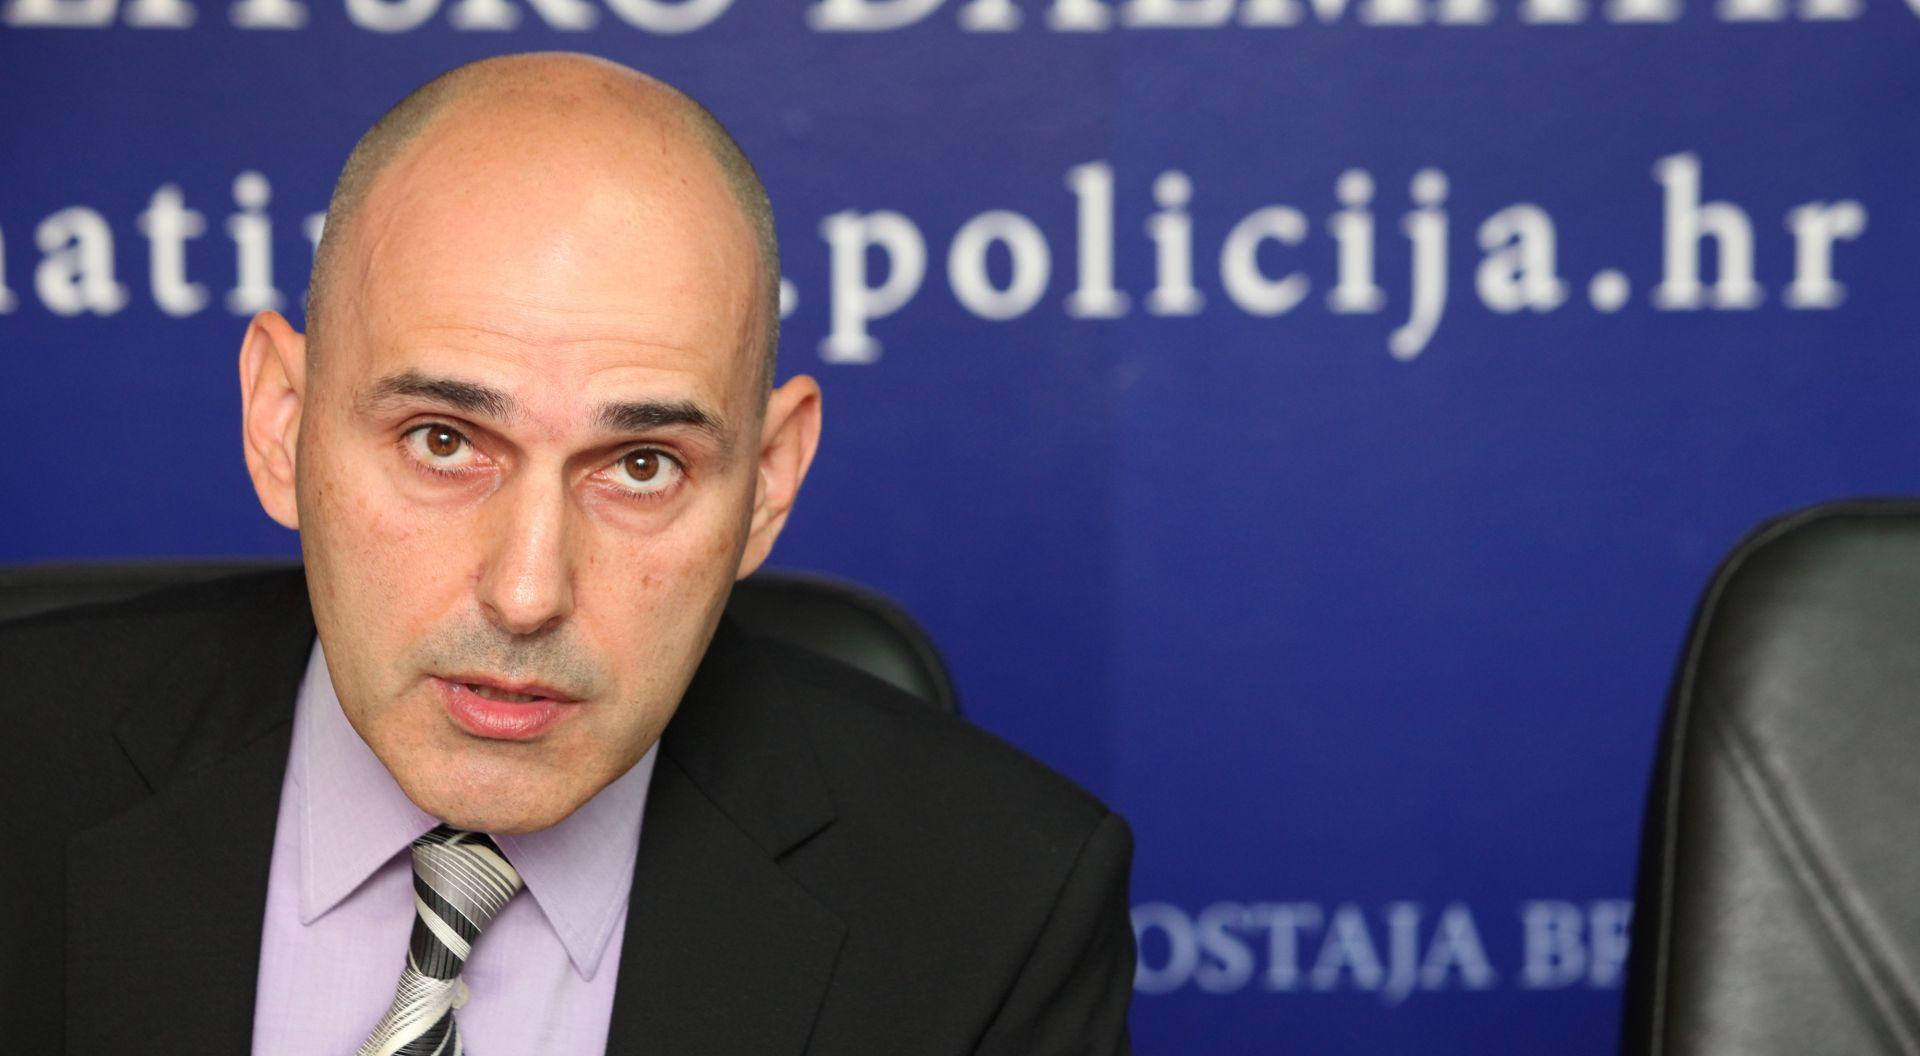 ZATVORENI DIO SJEDNICE Vlada imenovala novog ravnatelja policije Marka Srdarevića